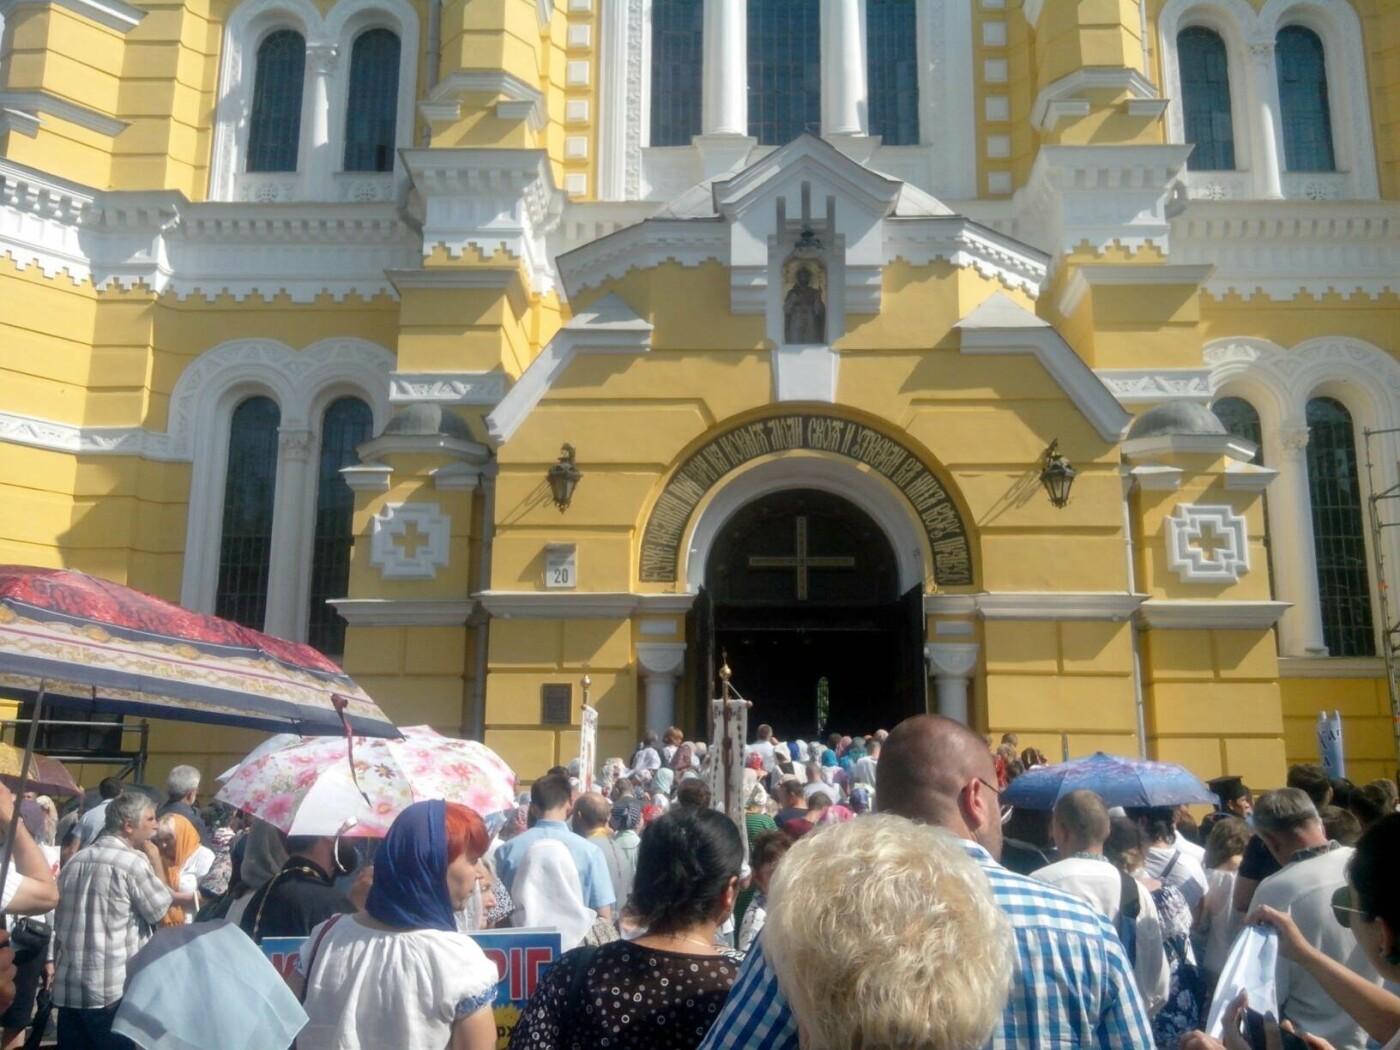 Криворожане приняли участие в крестном ходе УПЦ КП к 1030-летию крещения Руси-Украины, - ФОТО, фото-25